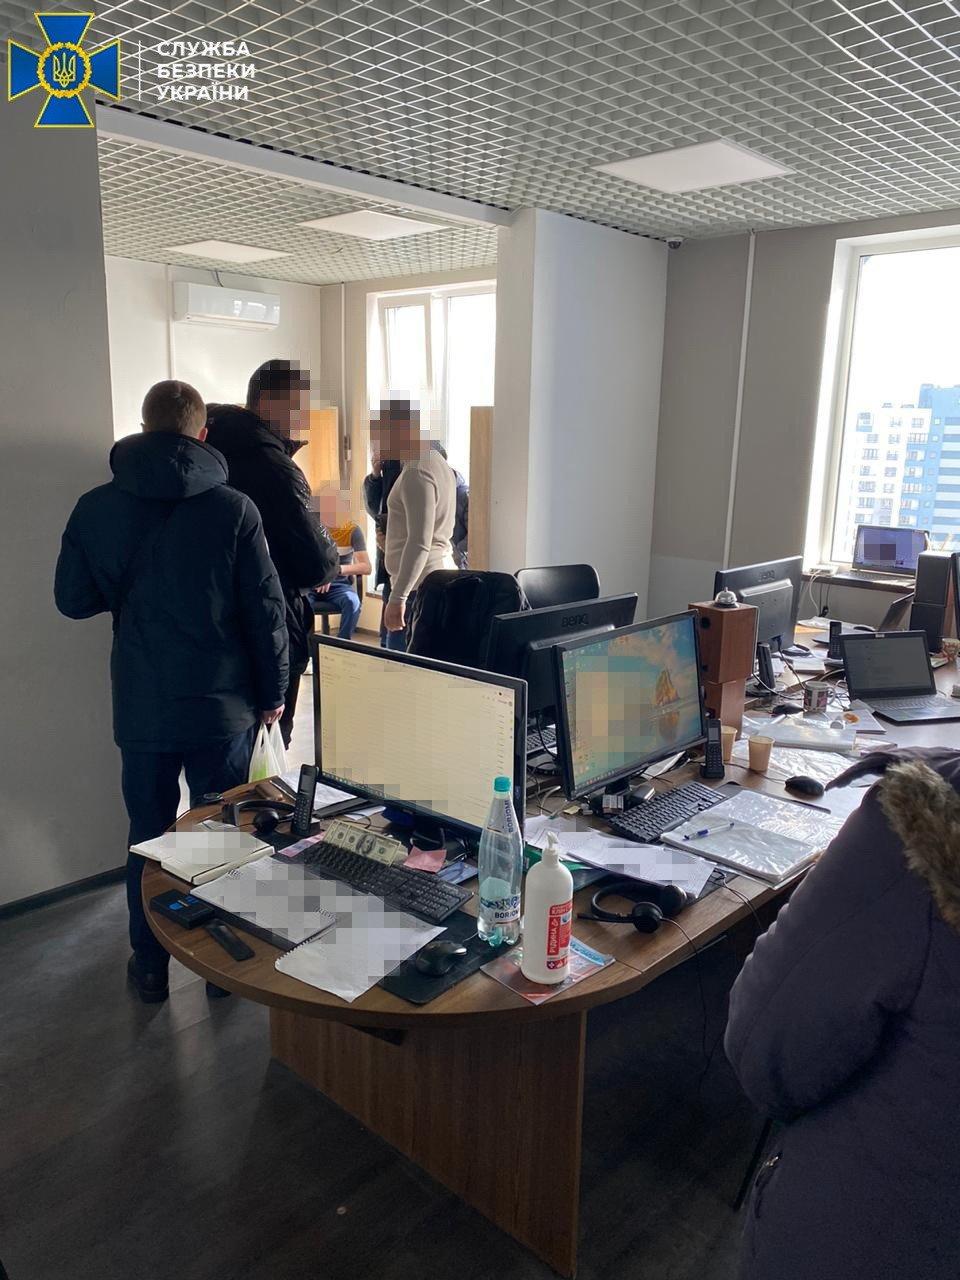 СБУ обезвредила ботоферму, работавшую на Россию: заблокировано более 18 тысяч аккаунтов, - ФОТО , фото-1